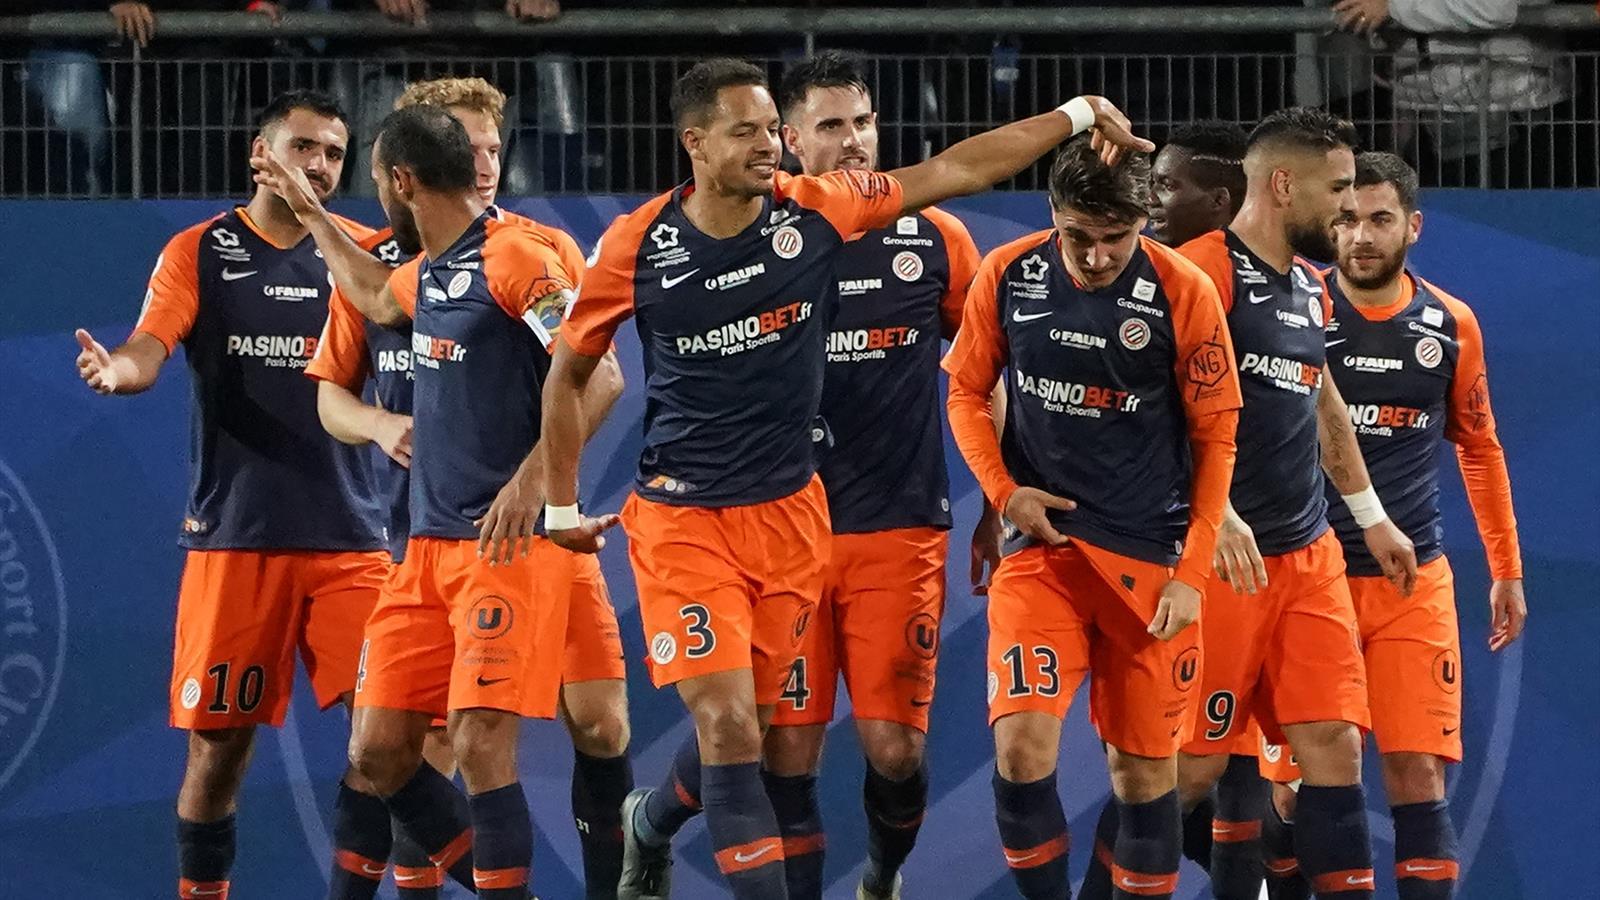 Ligue 1 : Montpellier renoue avec la victoire face à Toulouse (3-0) - Eurosport.fr